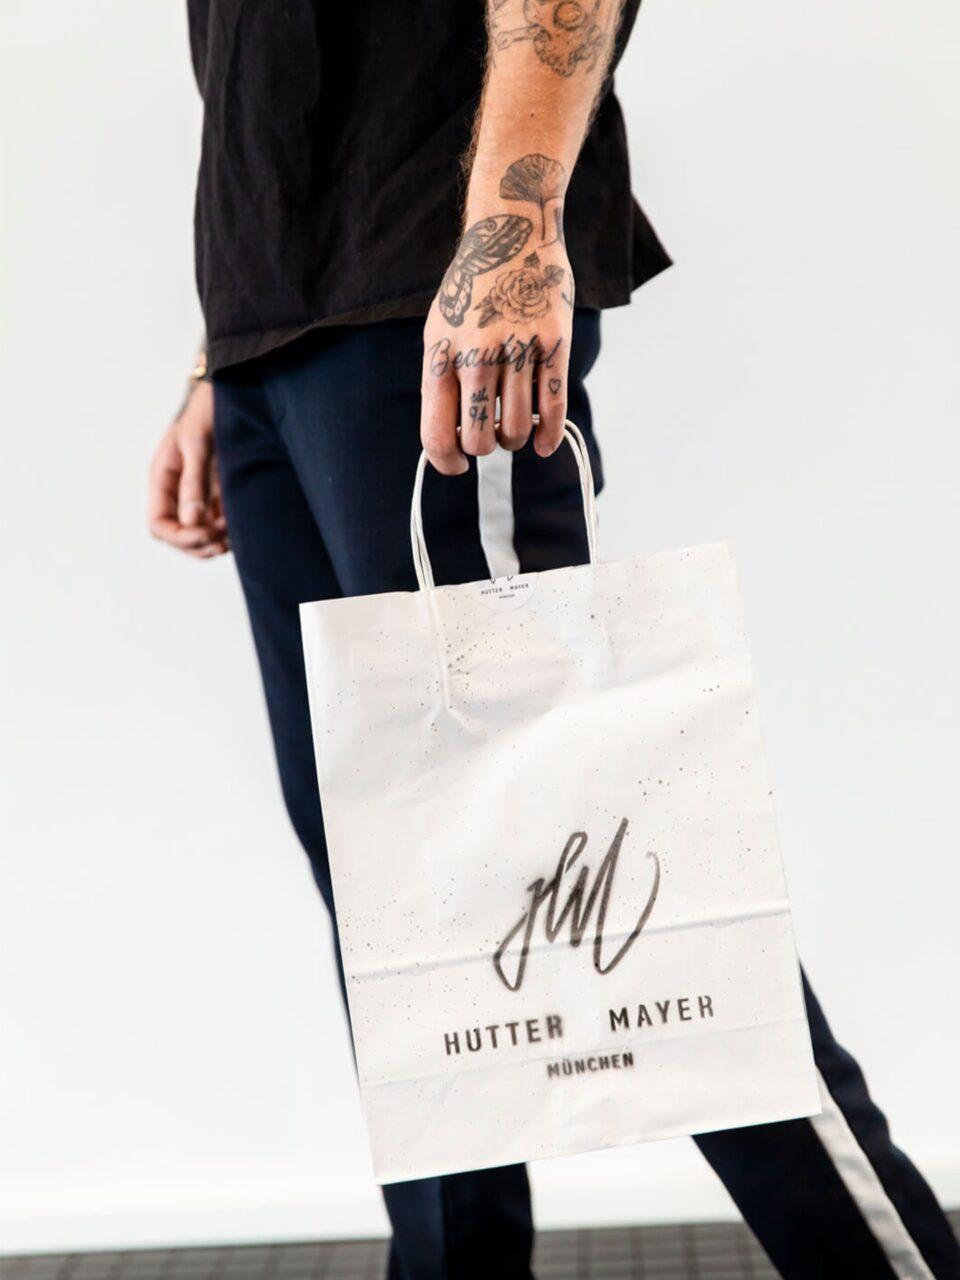 Hutter Mayer